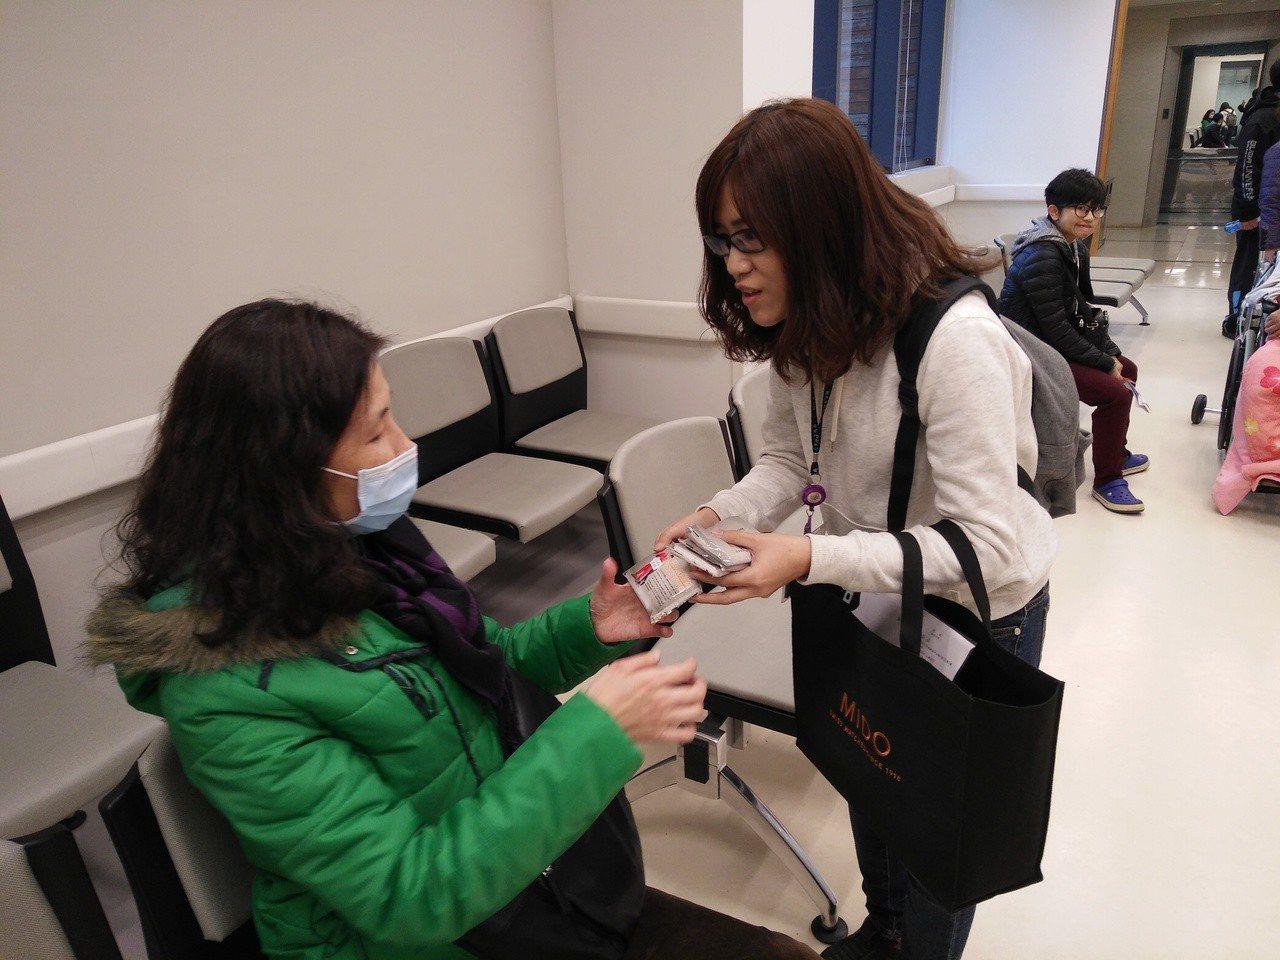 勞工局派員到醫院宣導,以免誤雇非法外勞挨罰。圖/勞工局提供